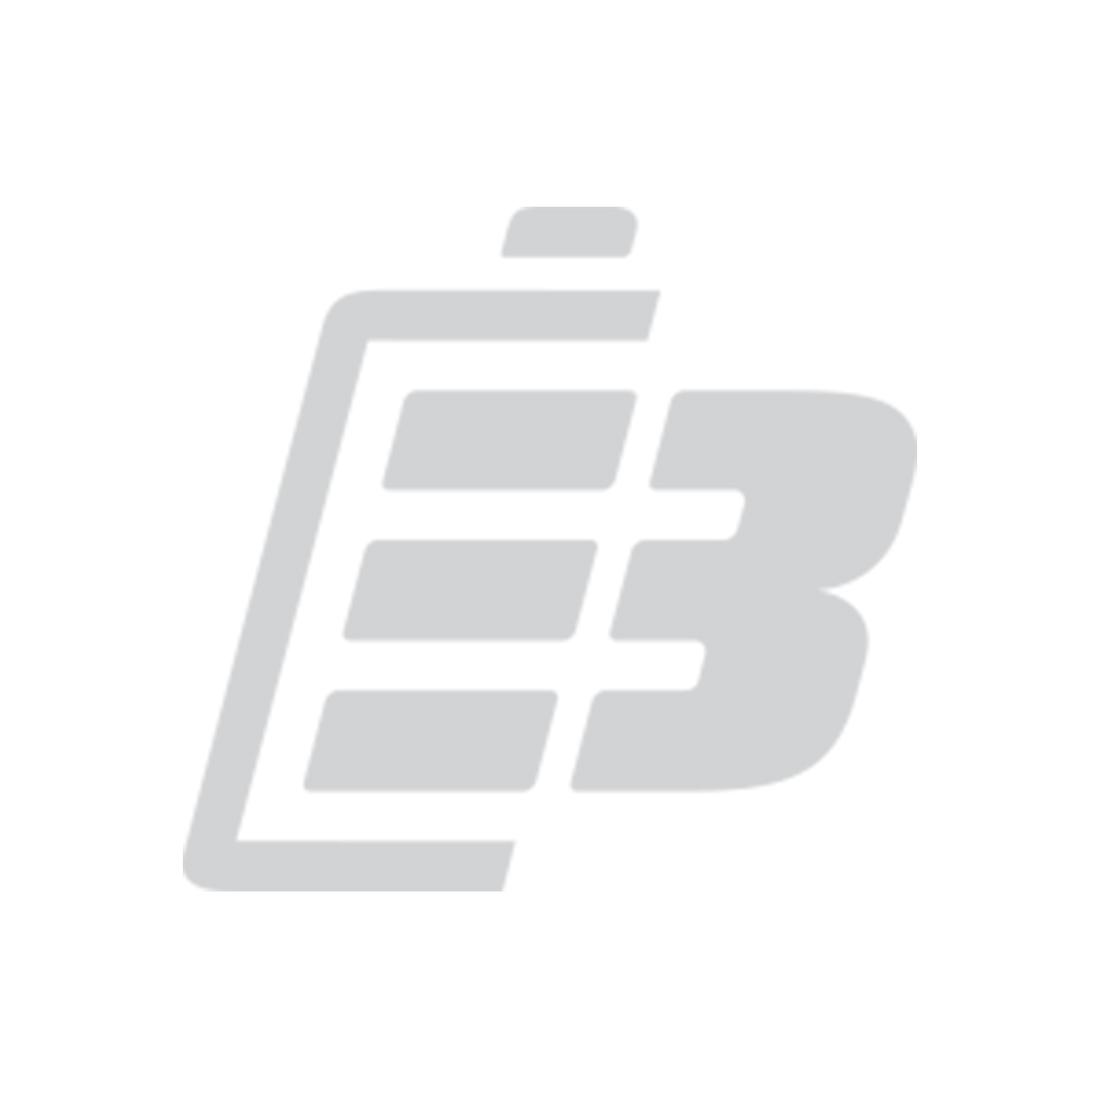 Panasonic Photo Power CR-P2 Lithium Battery